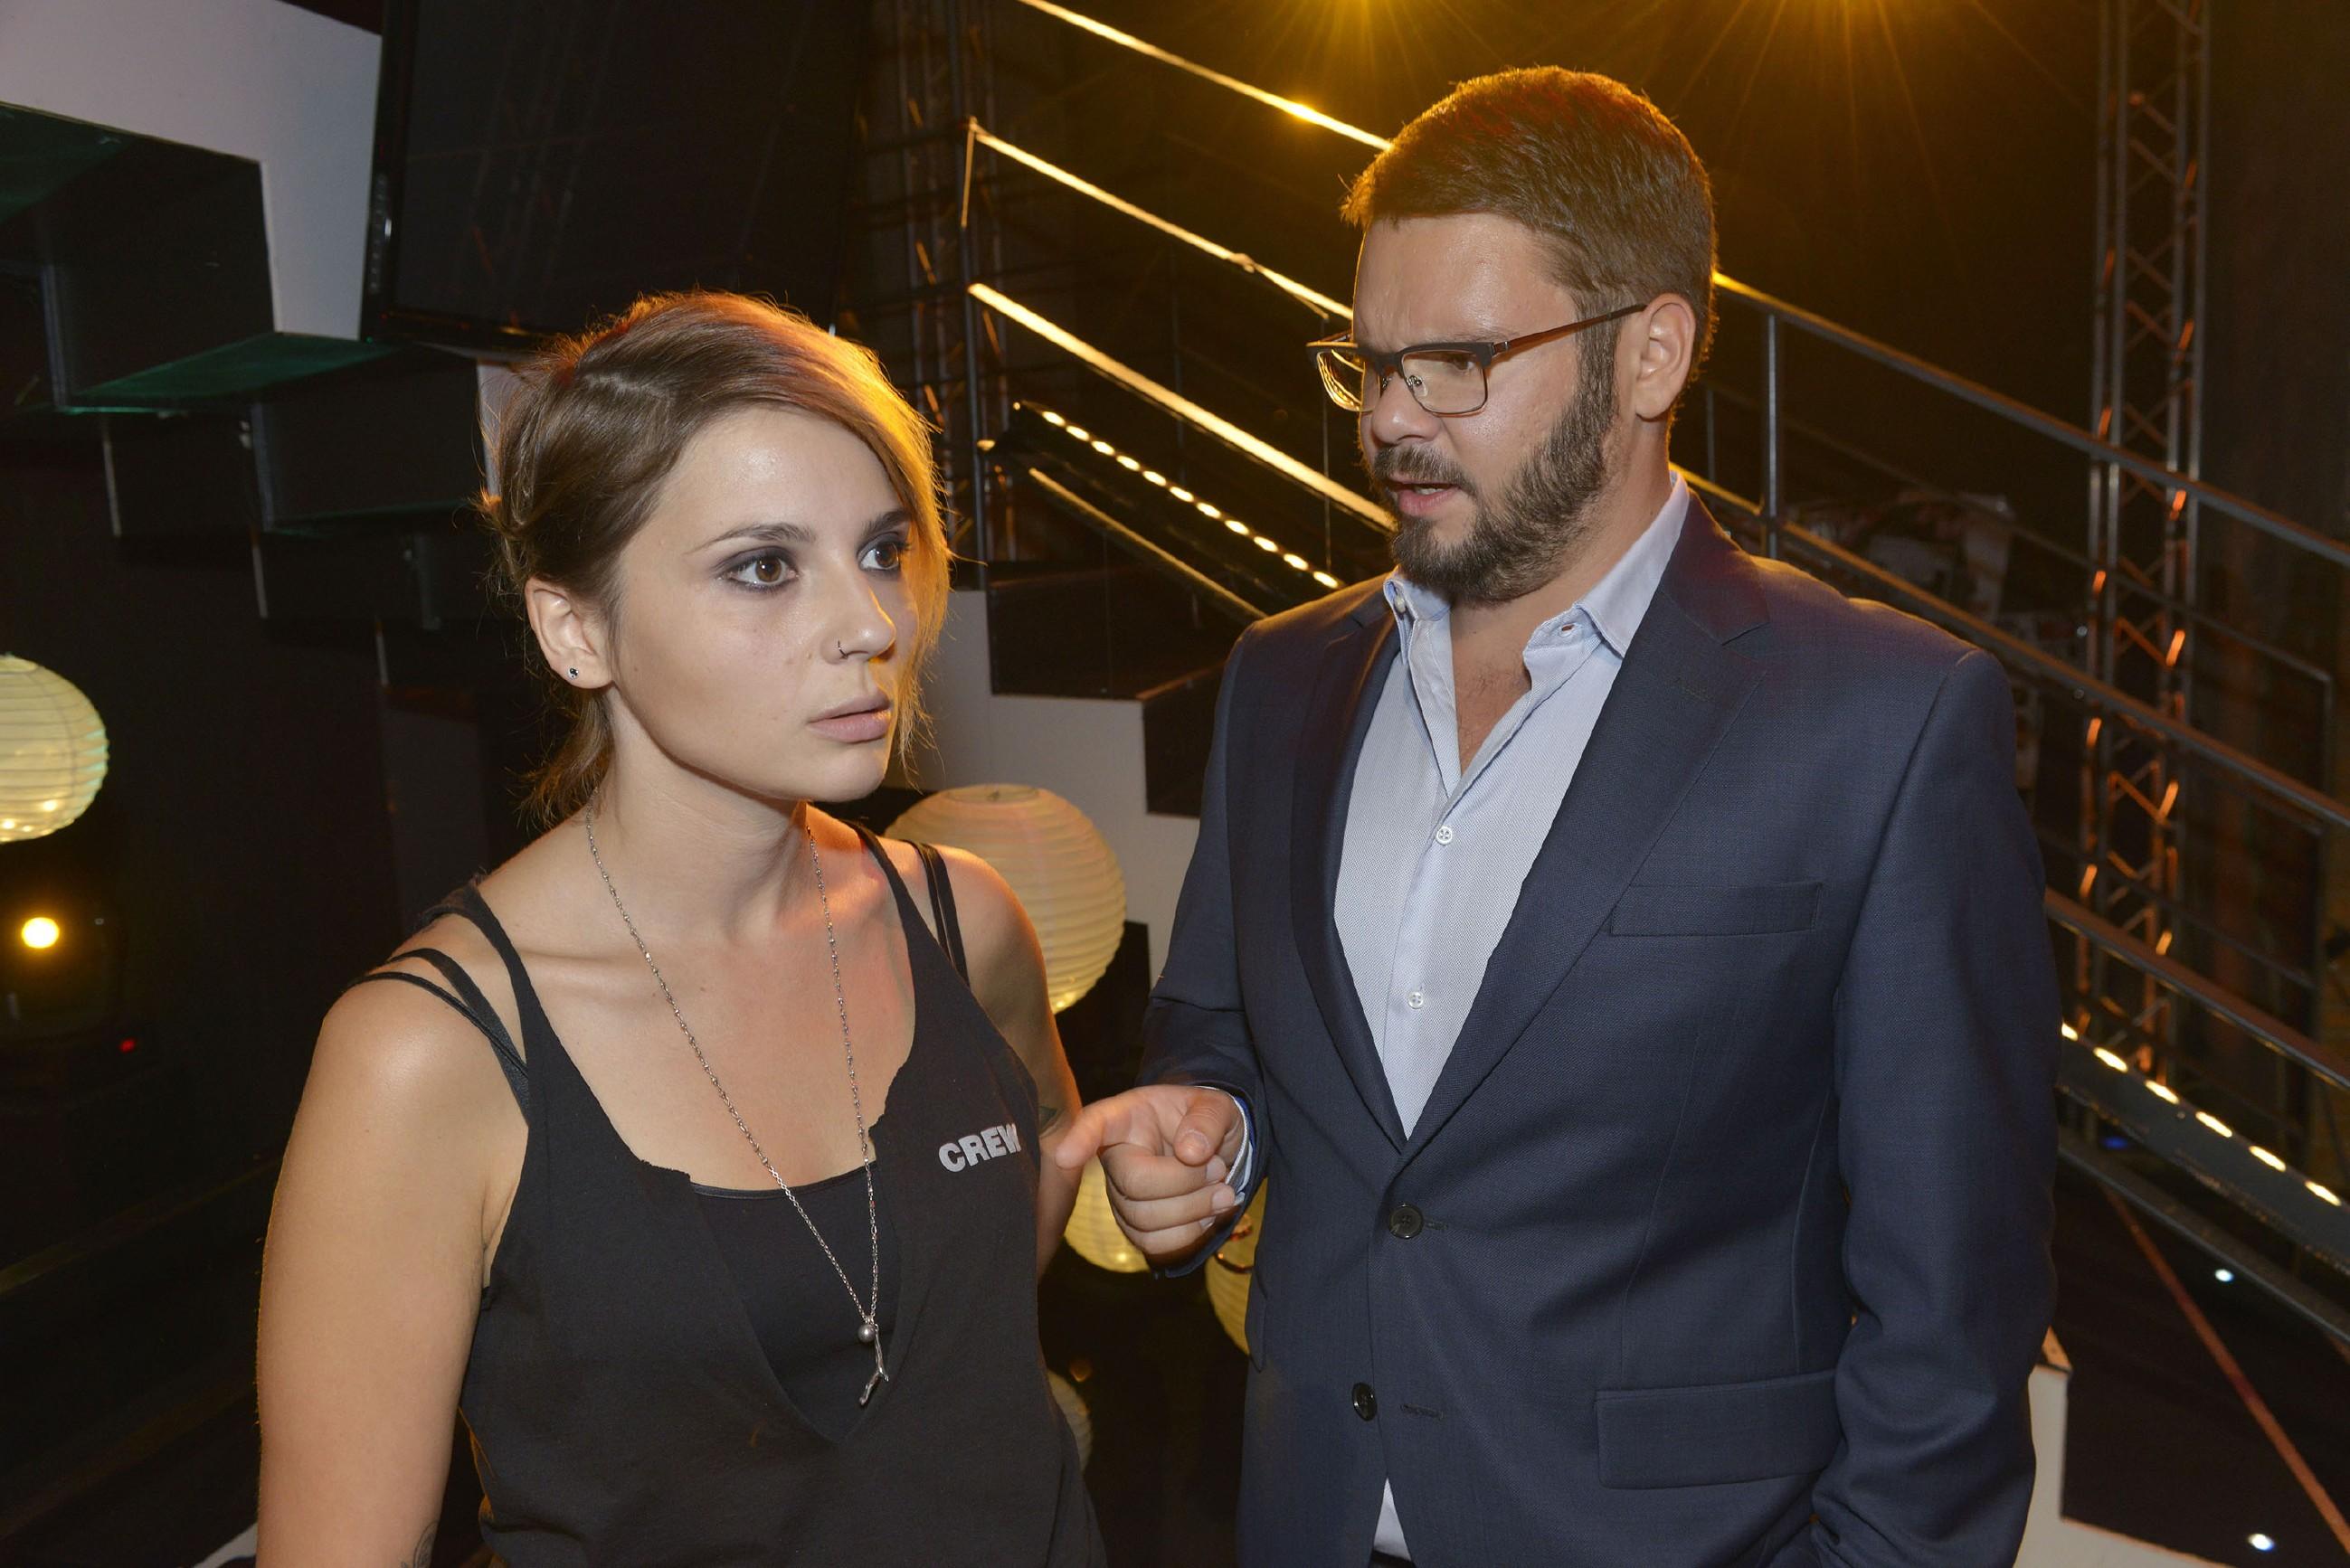 Tuner (Thomas Drechsel) erinnert Anni (Linda Marlen Runge) daran, dass es immer komisch ist, die Ex mit neuen Partnern zu sehen und rät ihr, sich mit Jasmin auszusprechen. (Quelle: RTL / Rolf Baumgartner)